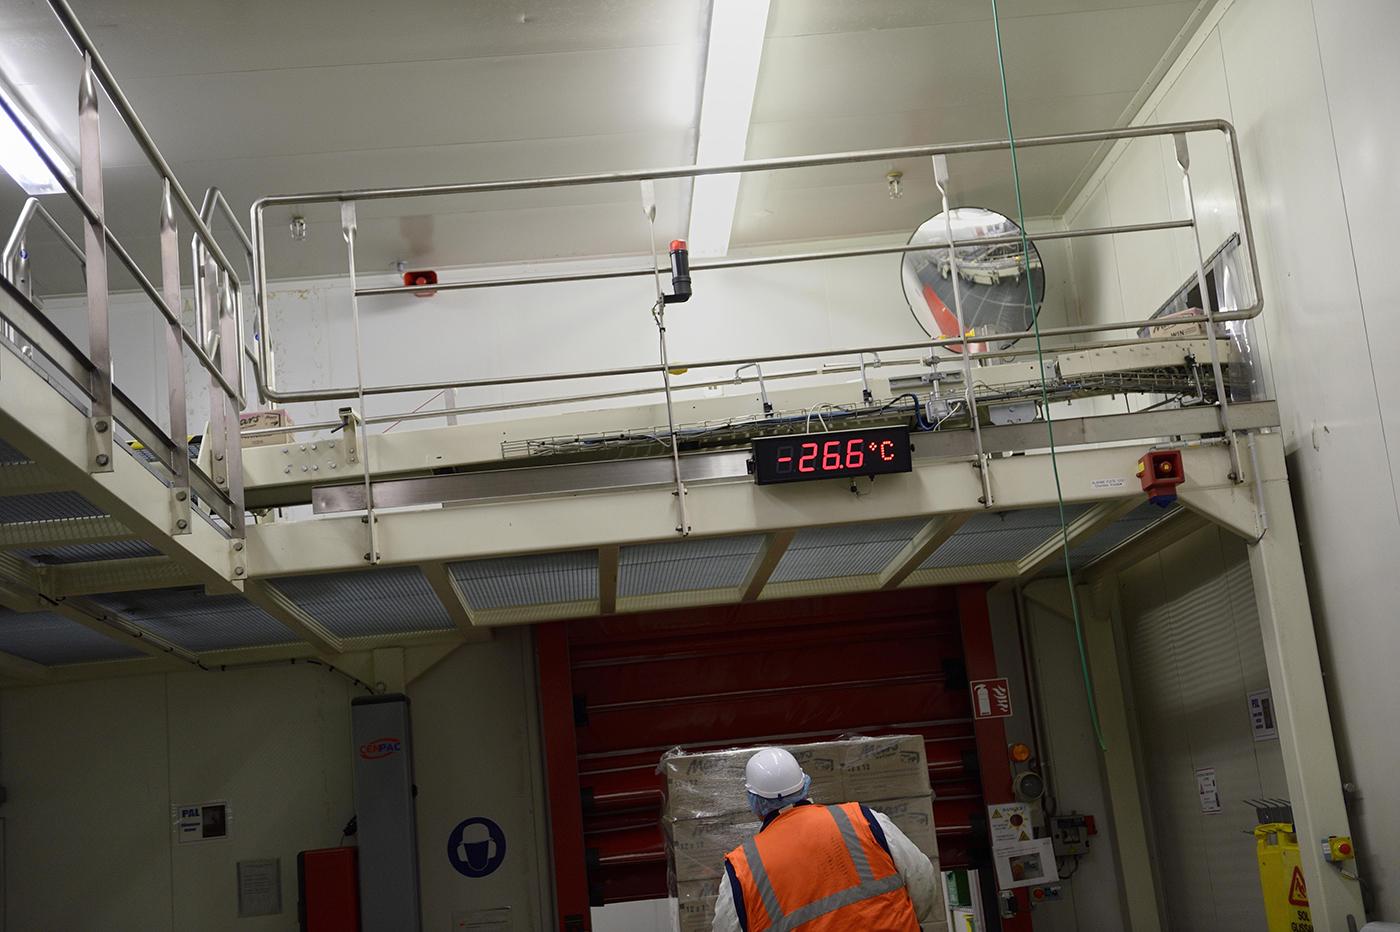 Travail au froid pr venir les risques risques inrs - Temperature dans une chambre ...